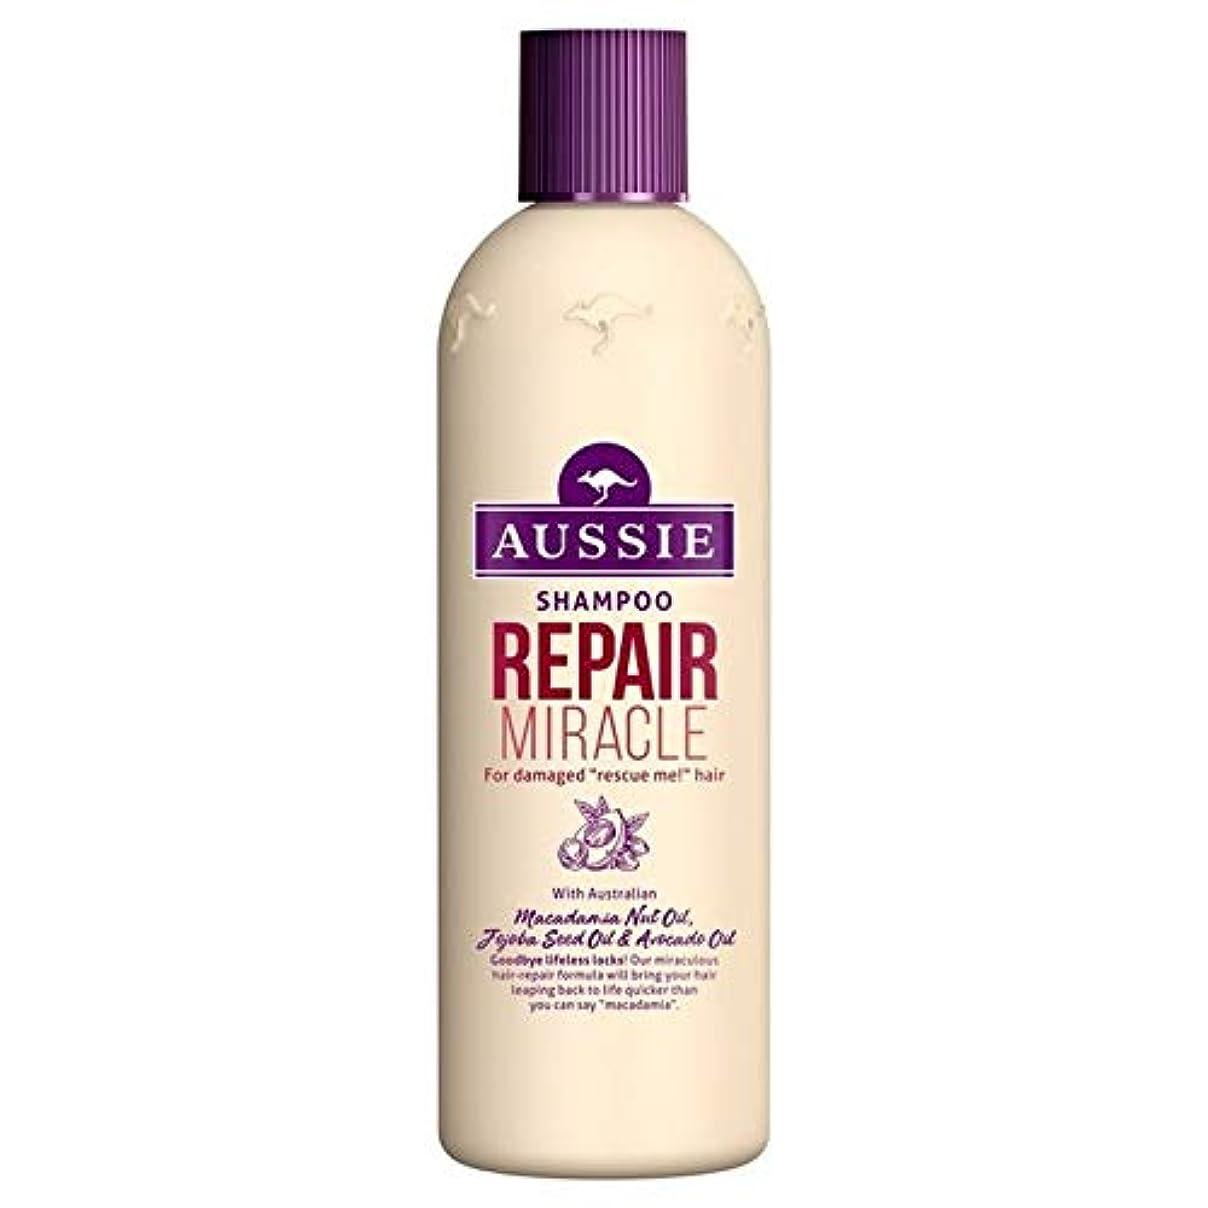 エリート葉を集める天窓[Aussie ] いたずらな髪の300ミリリットルのすべての種類のオージーシャンプーの修理の奇跡 - Aussie Shampoo Repair Miracle for All Kinds of Naughty Hair 300ml [並行輸入品]